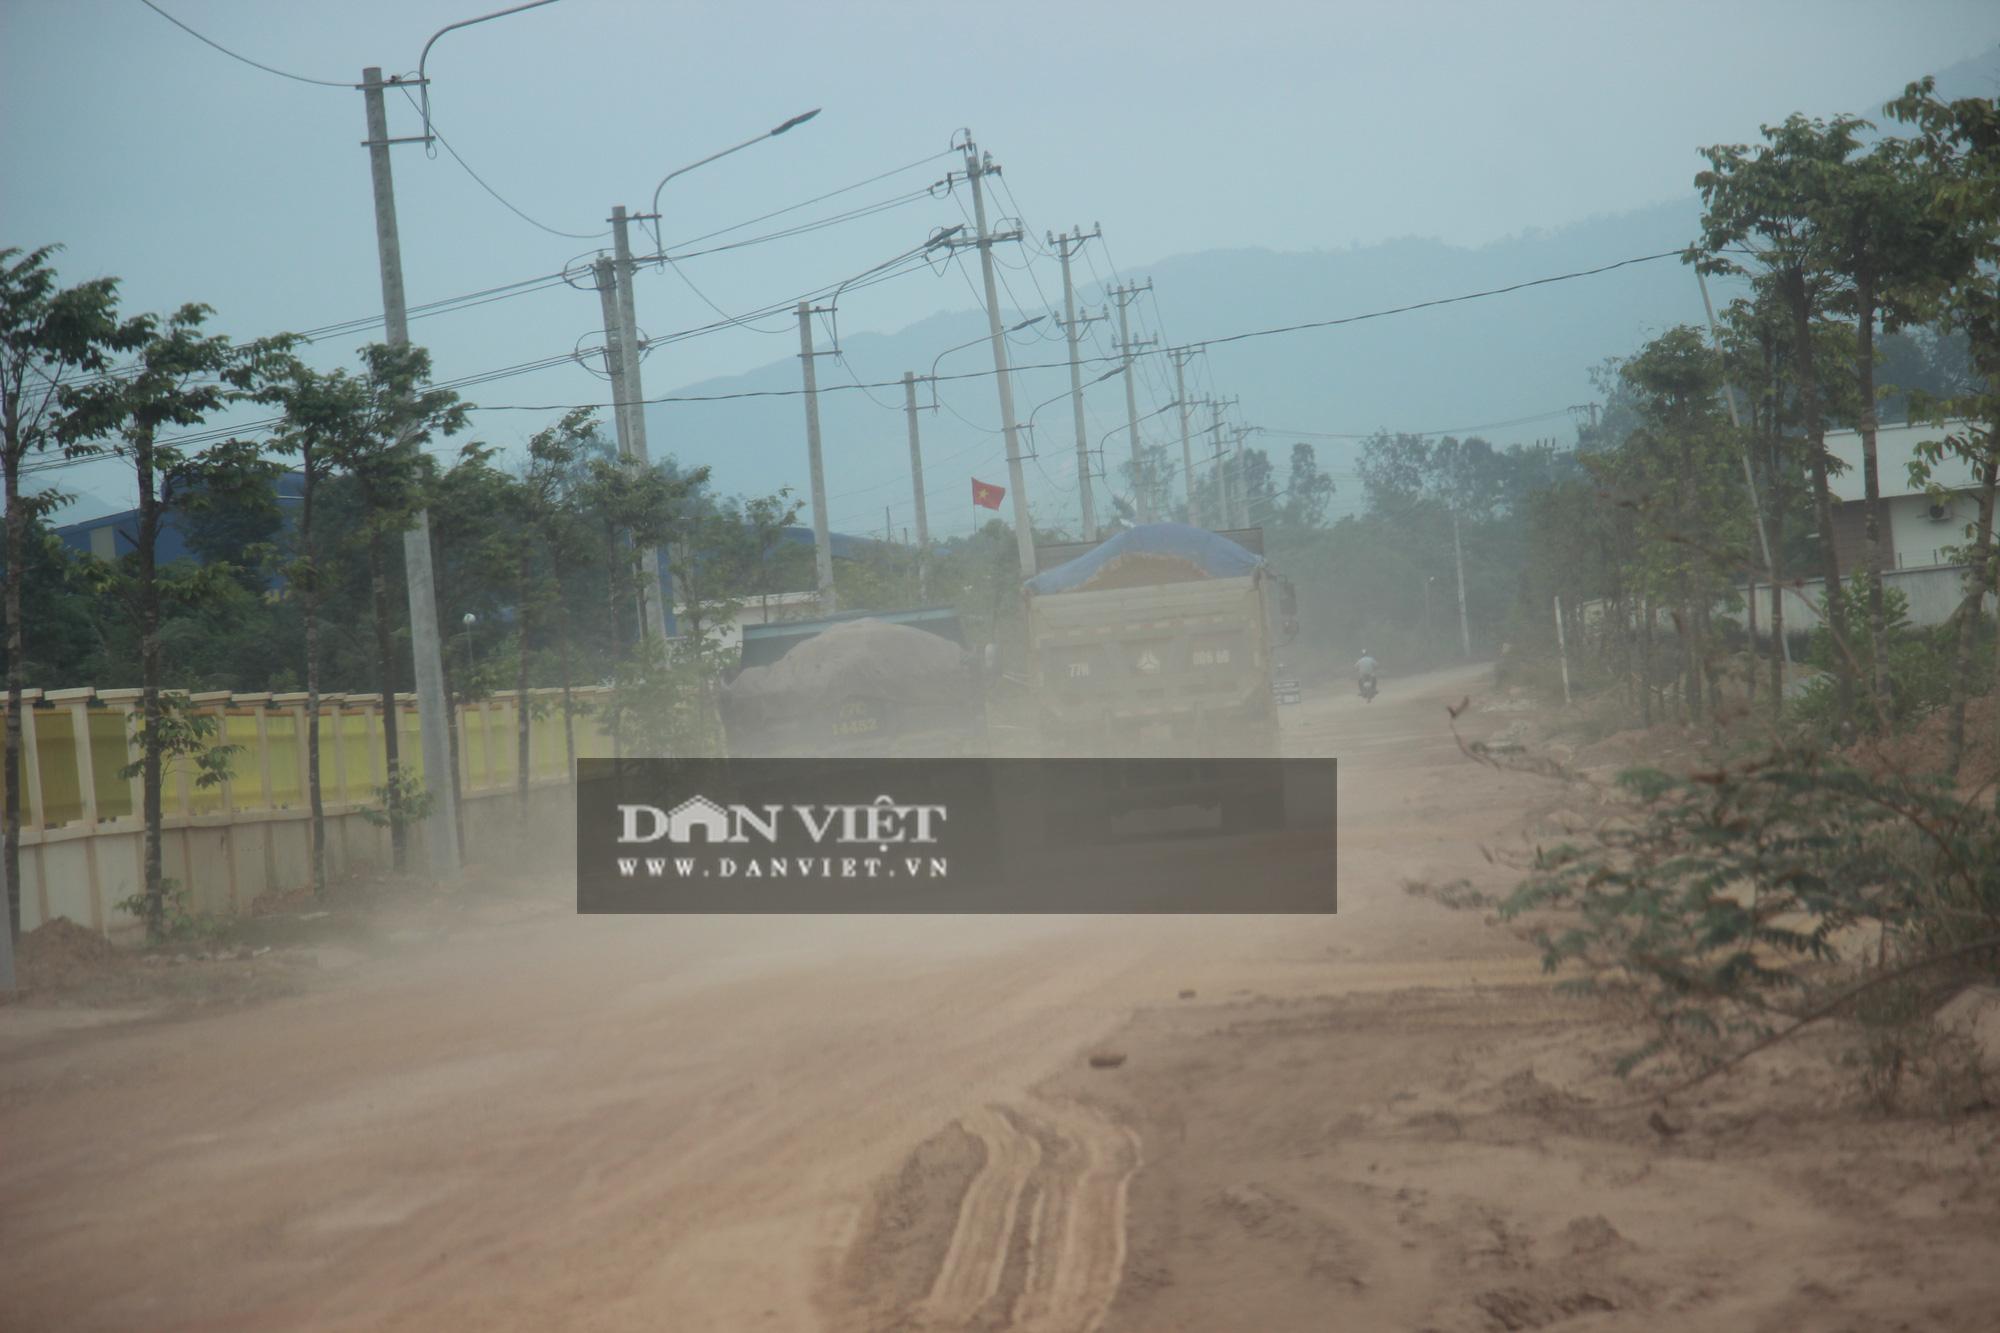 """Bình Định: Đoàn xe hổ vồ """"siêu tải"""" Bá Sanh Đường tung hoành - Ảnh 4."""